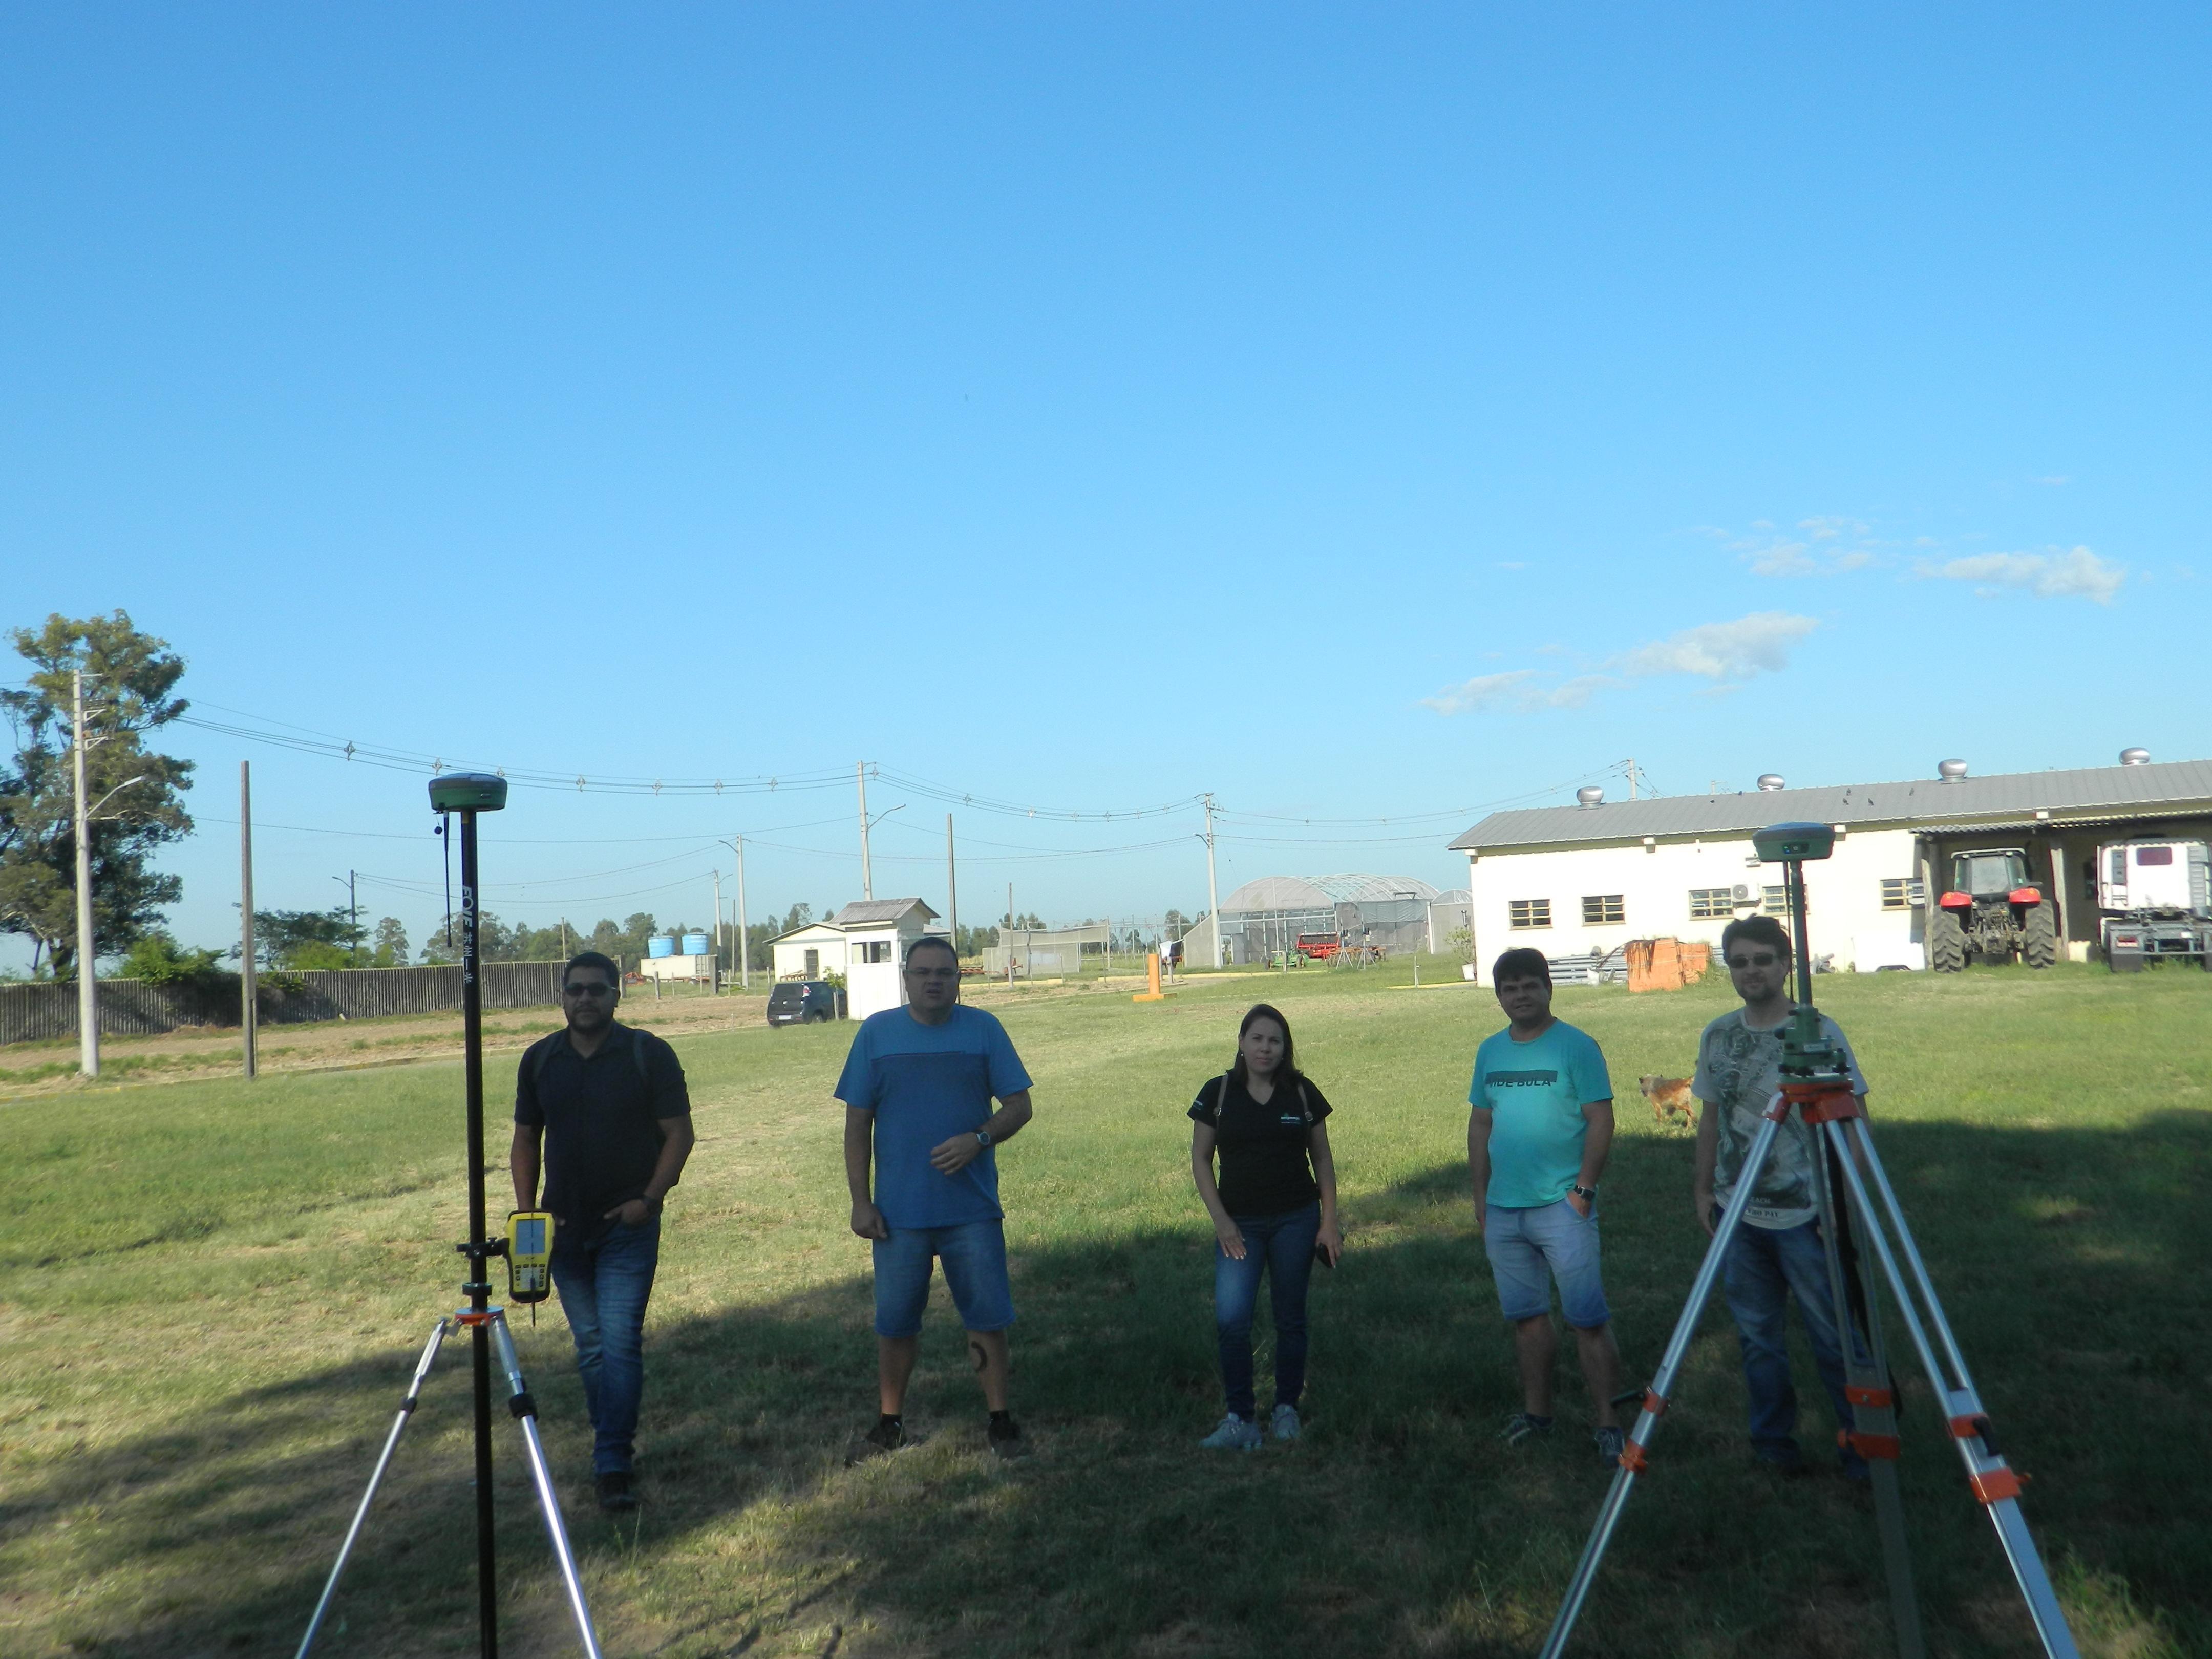 em um campo sob ceu azul, 4 homens e 1 mulher posam entre dois equipamentos que parecem tripés. ao fundo, garagem com trator